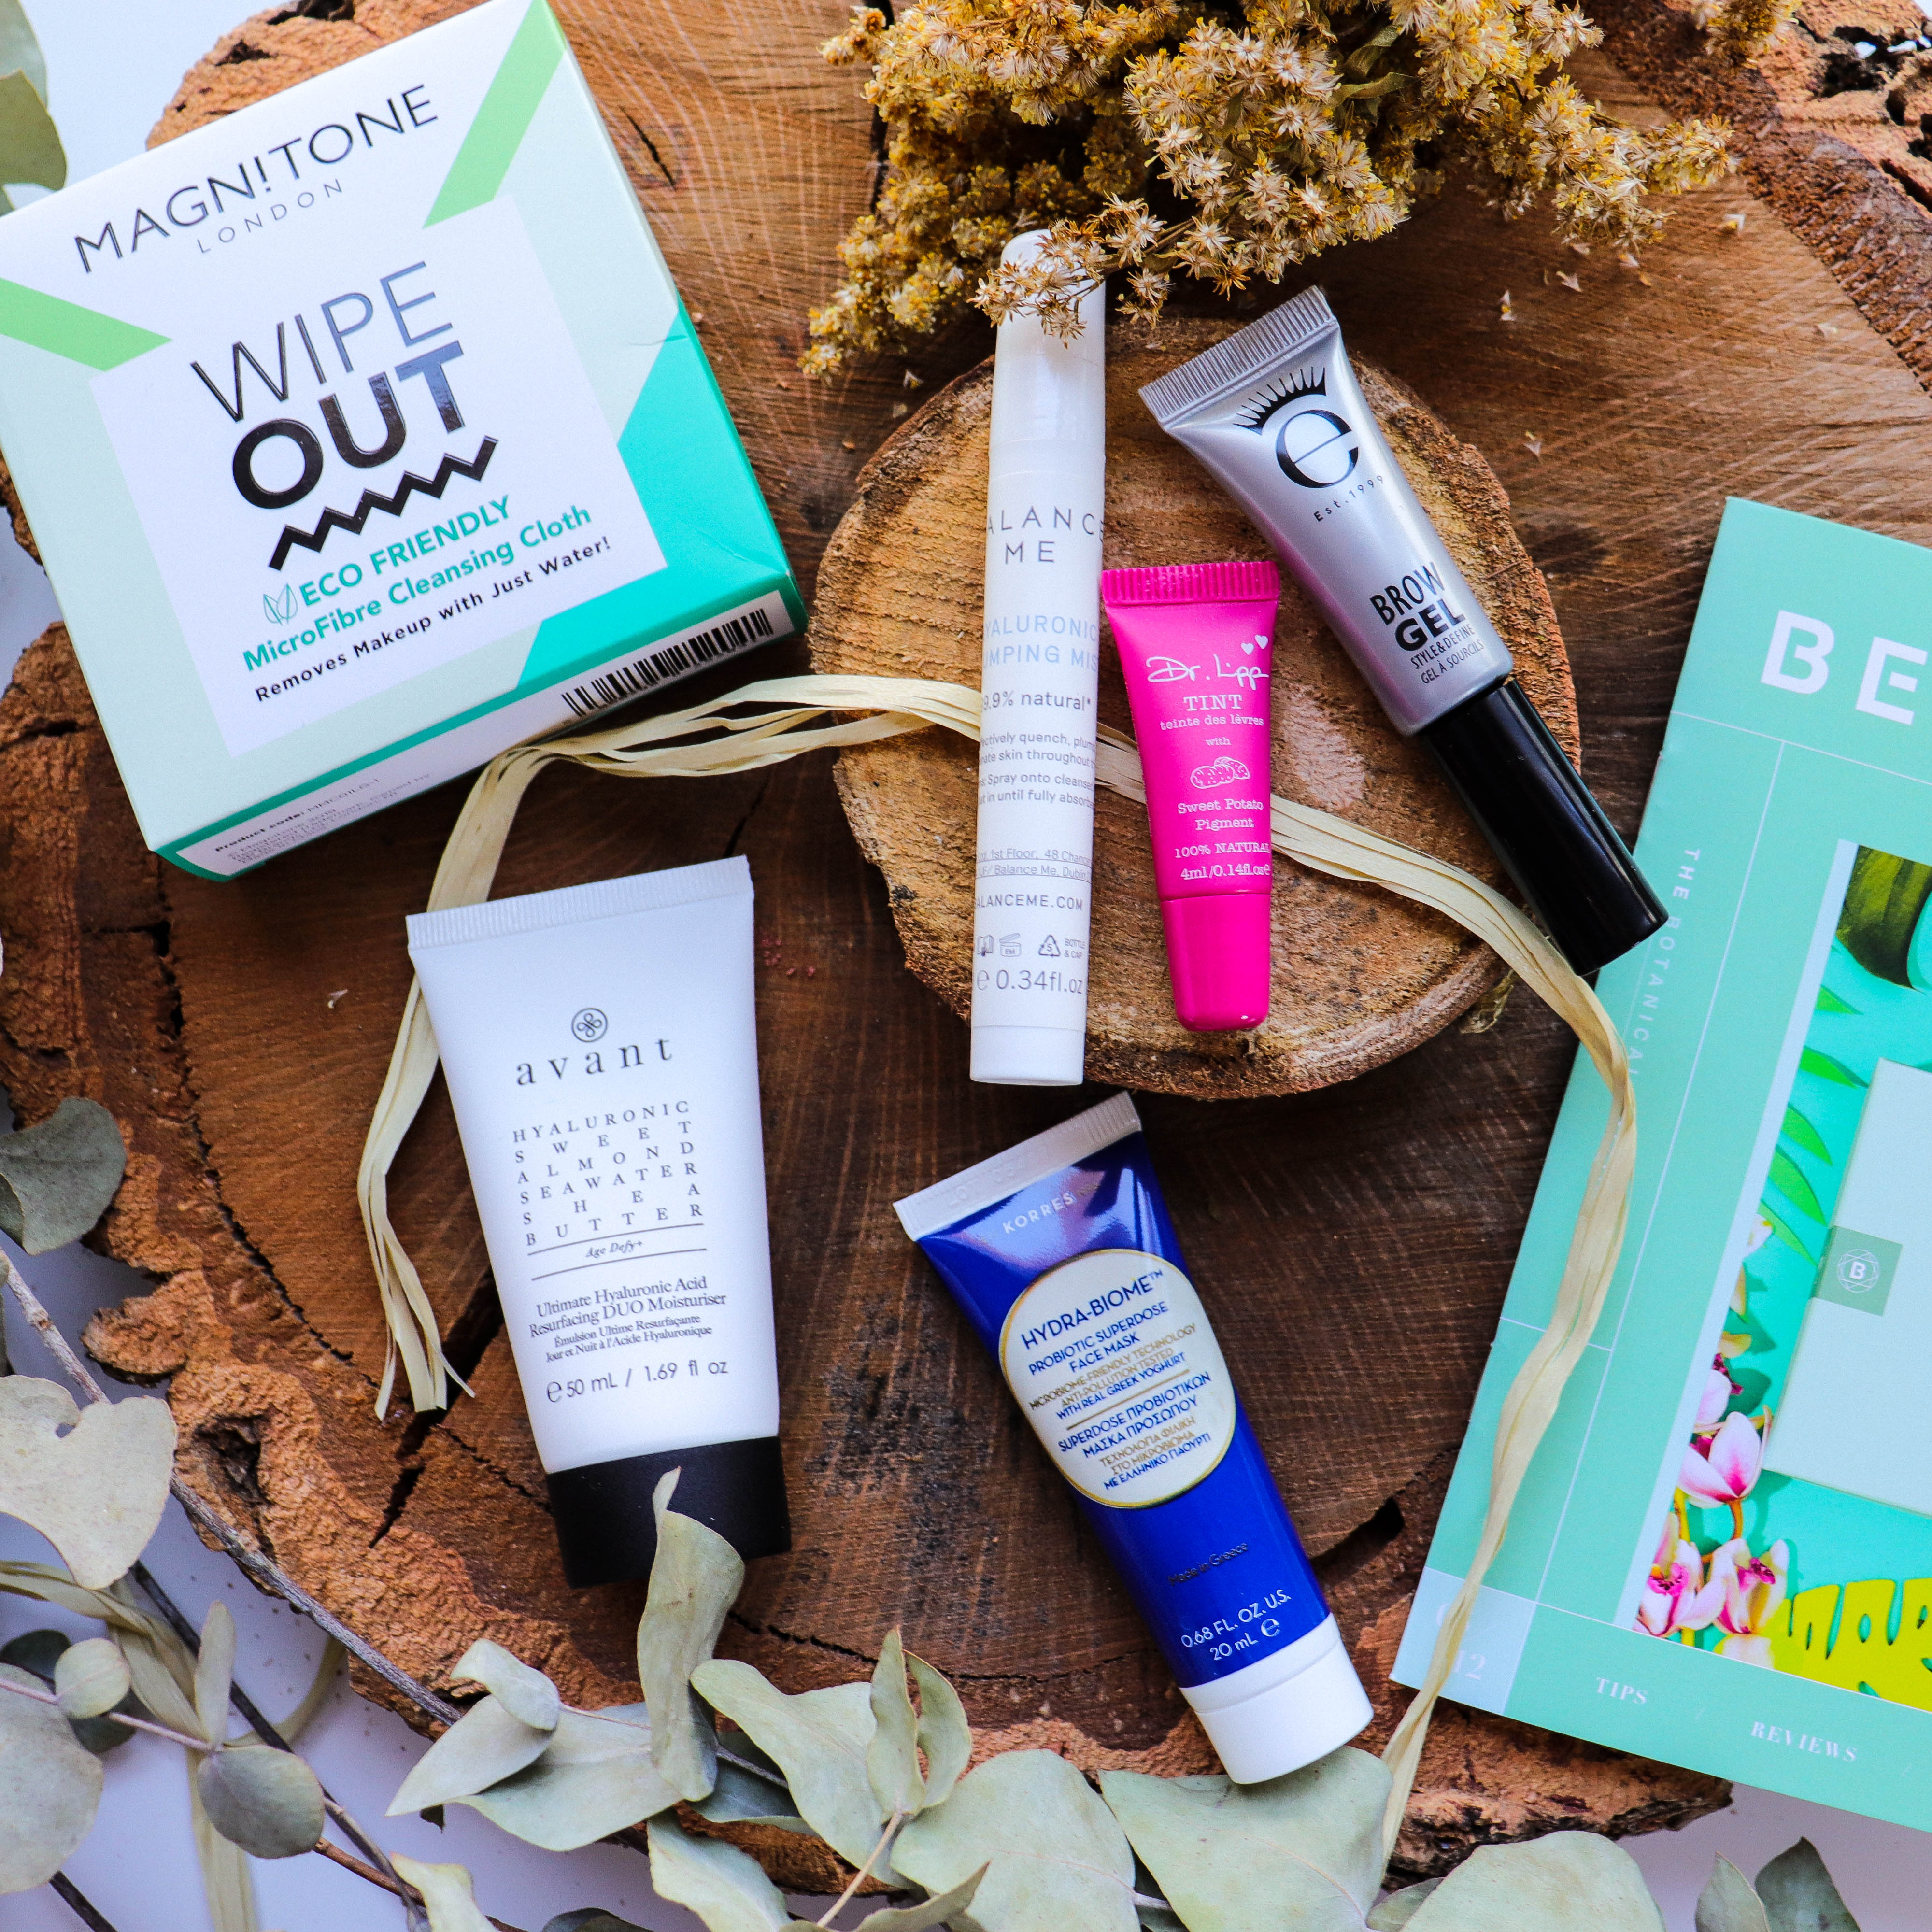 La Beauty Box mayo 2020 - Edición Botanicals